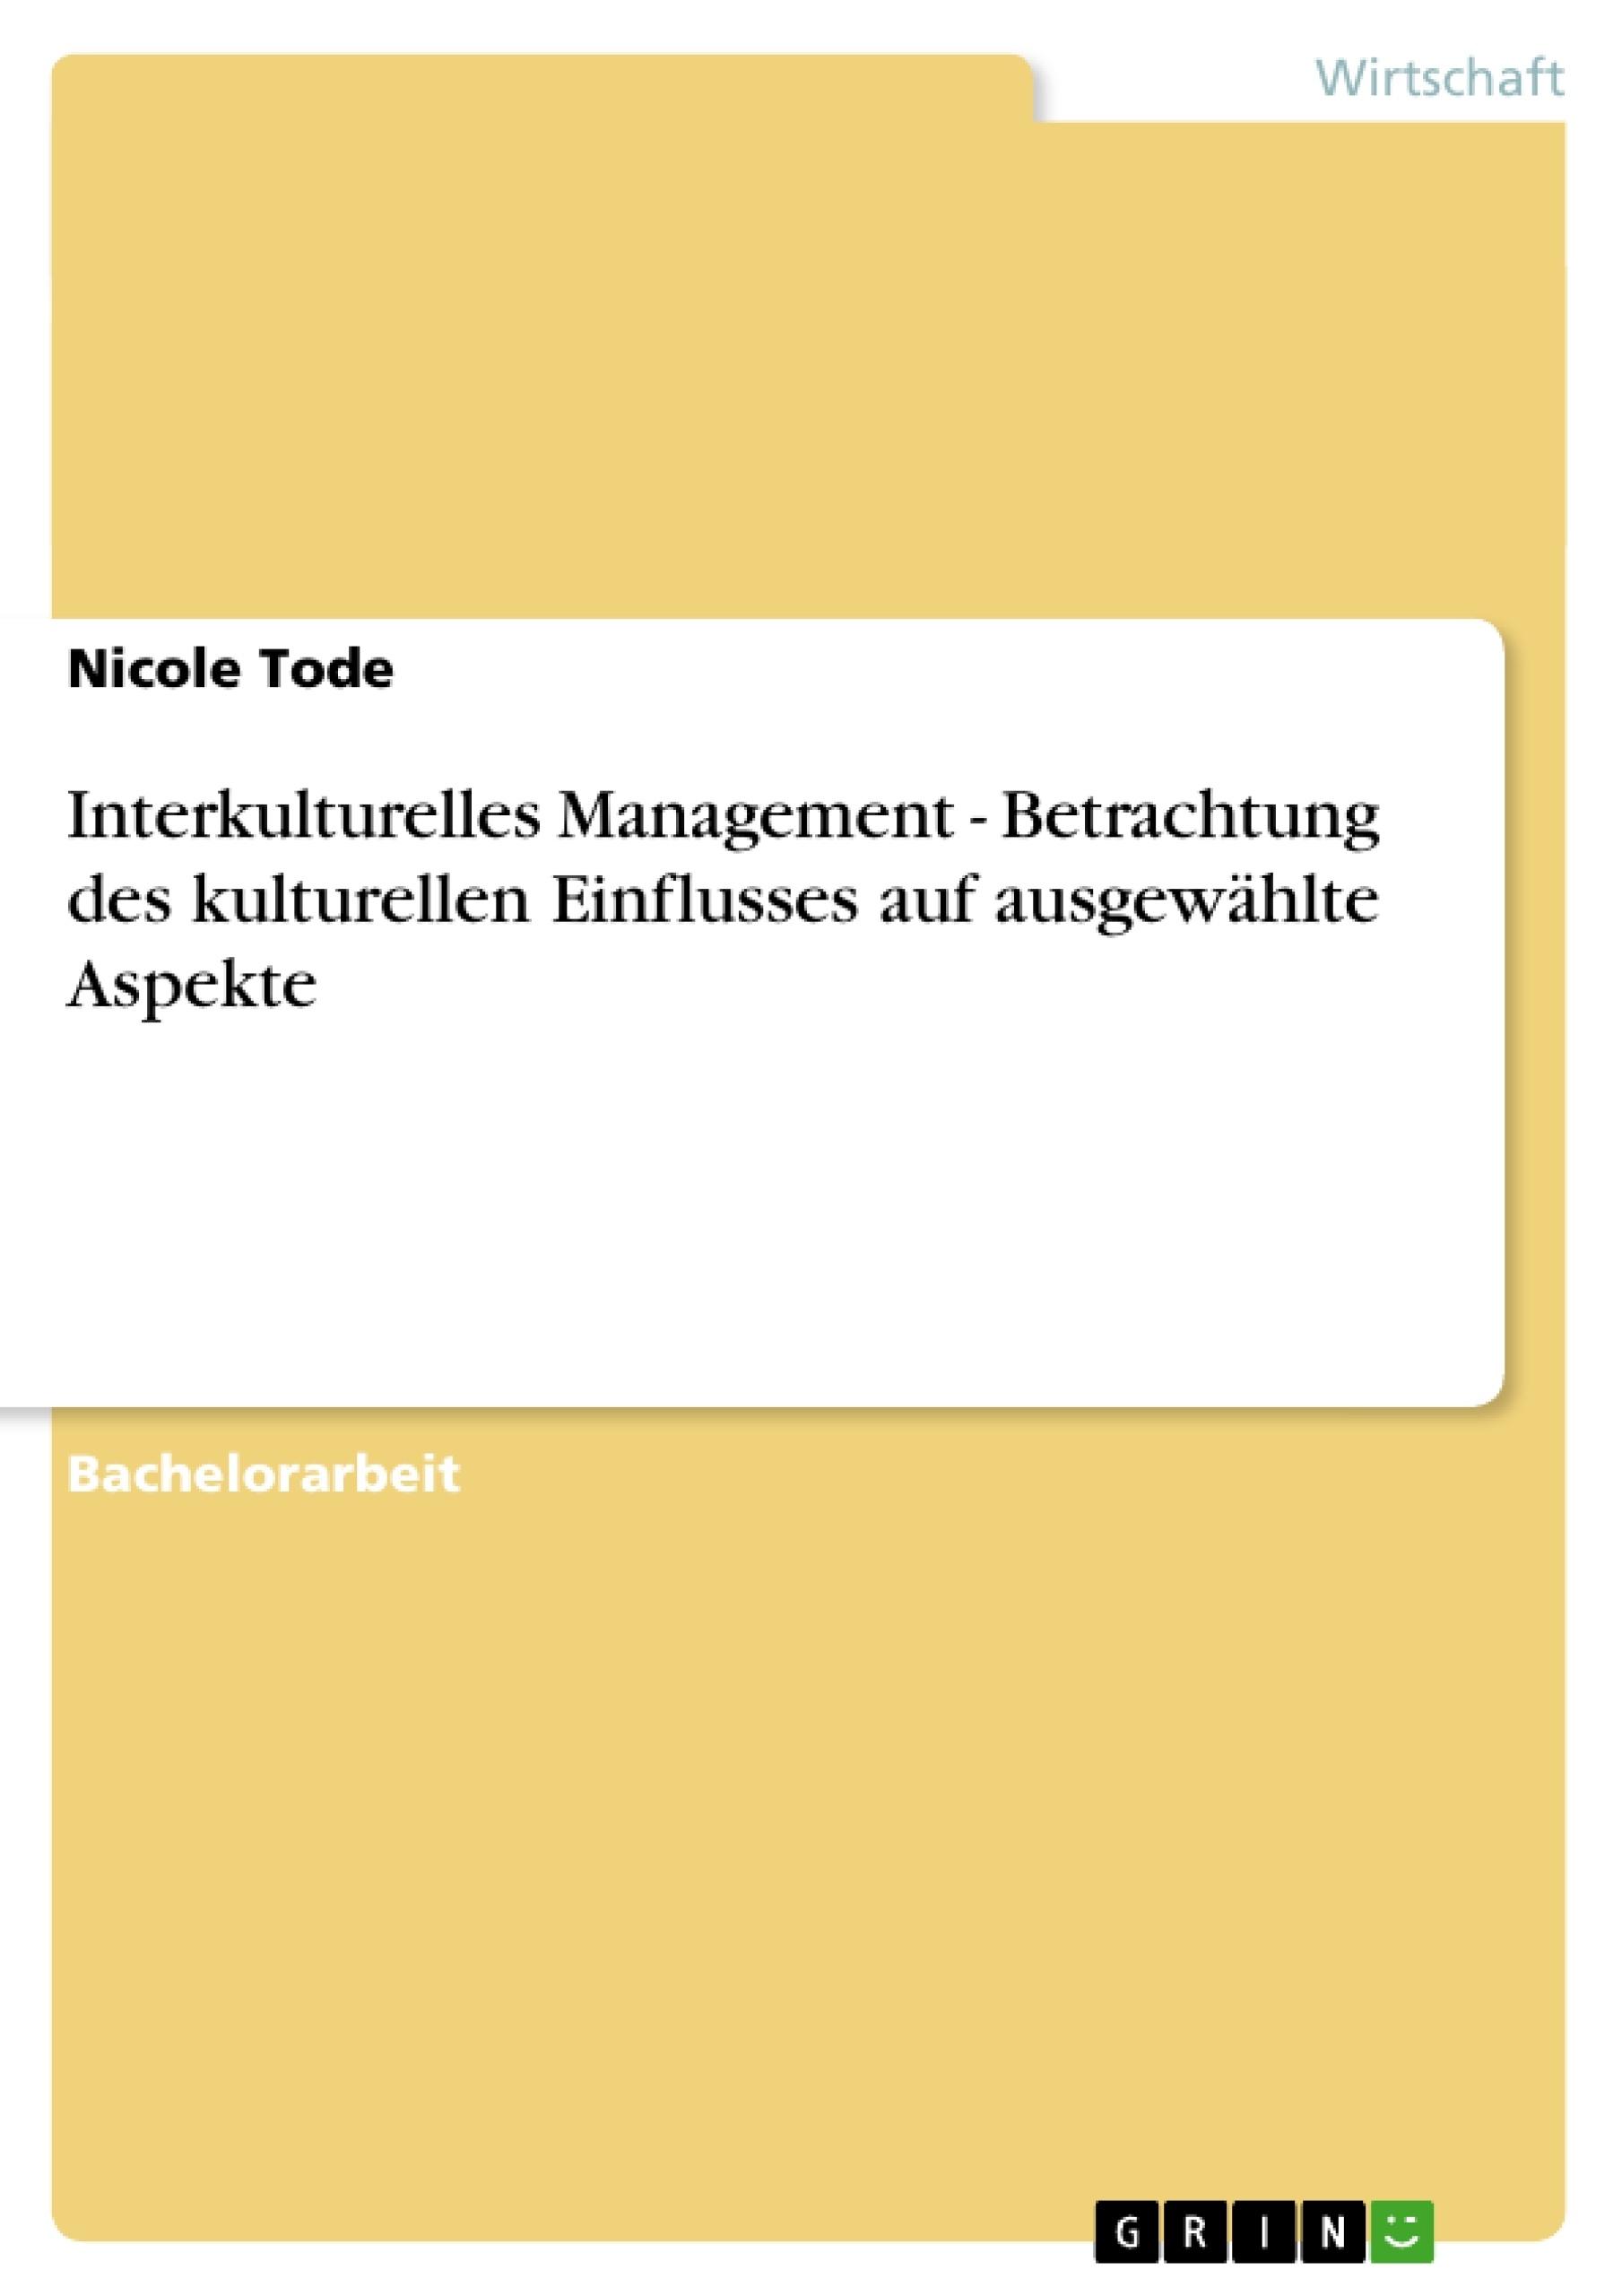 Titel: Interkulturelles Management - Betrachtung des kulturellen Einflusses auf ausgewählte Aspekte